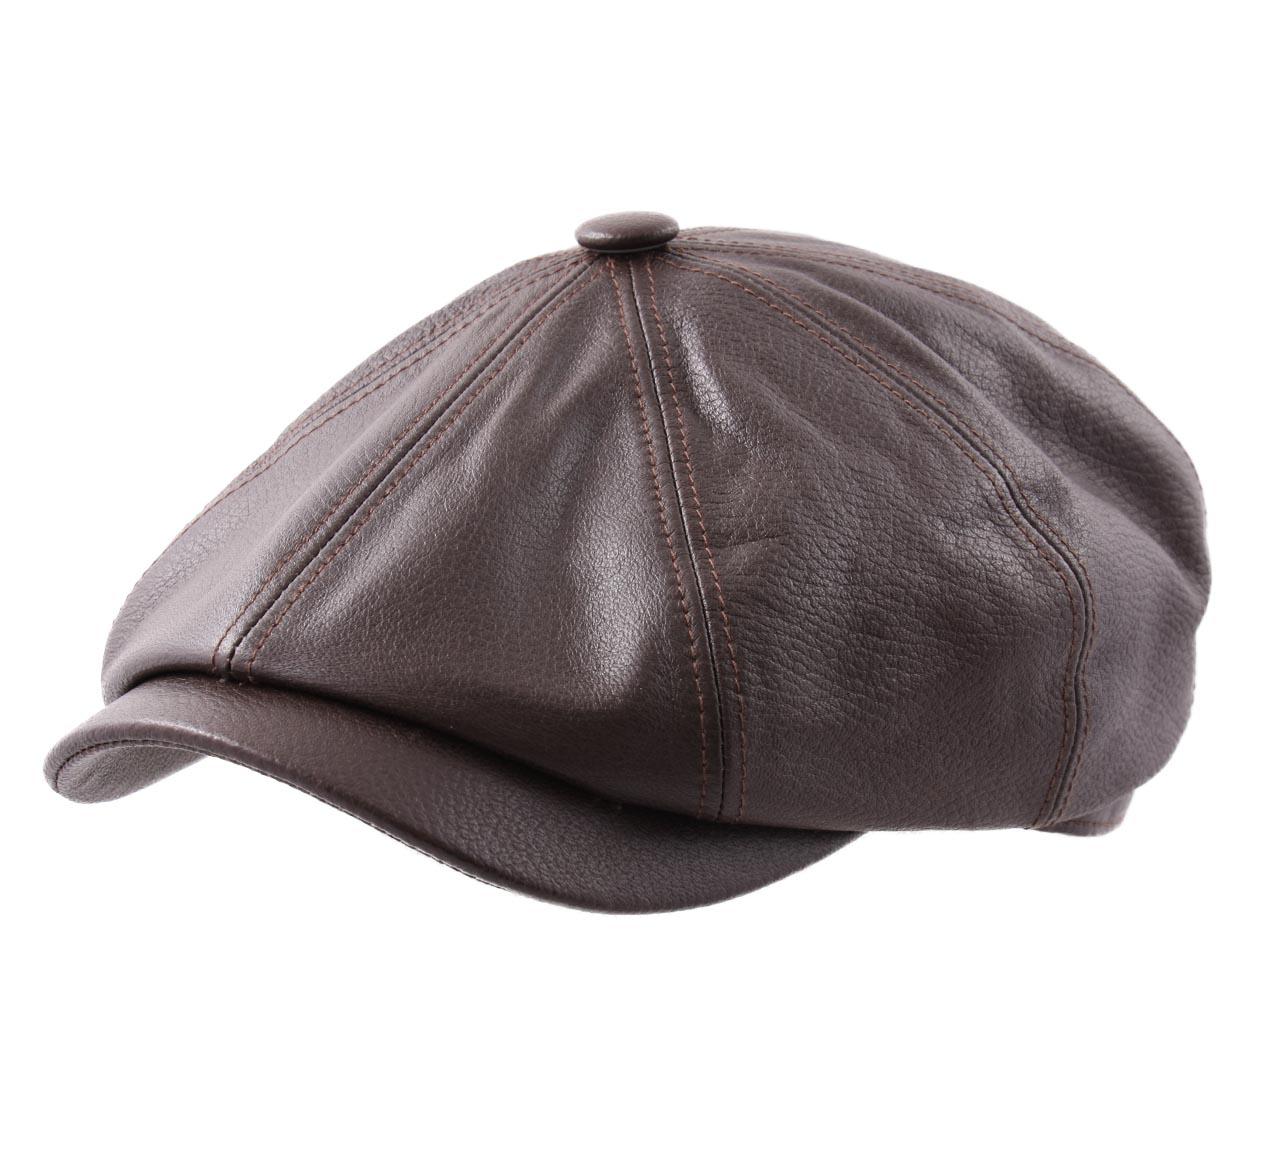 Beret-casquette-plate-cuir-homme-ou-femme-Hatteras-Goat-Suede